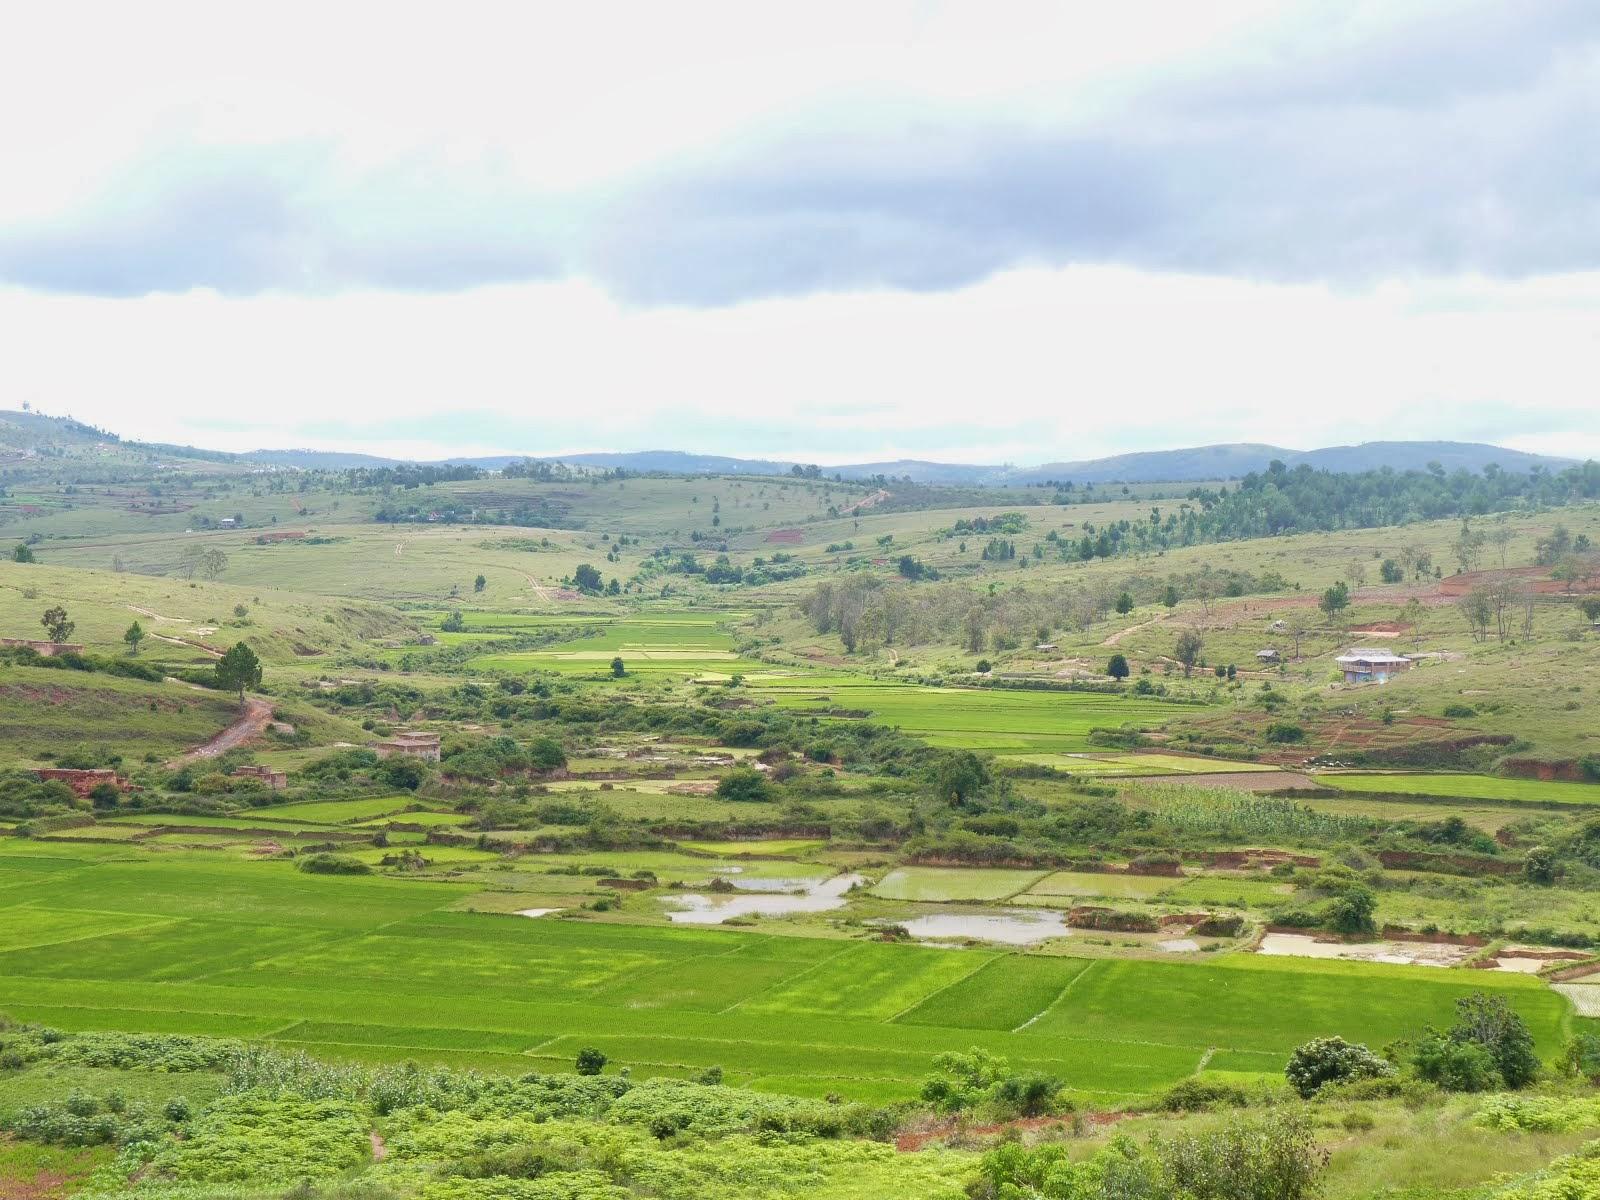 Avaradrano, Zokin'Imerina, Fanjakan'i Madagasikara